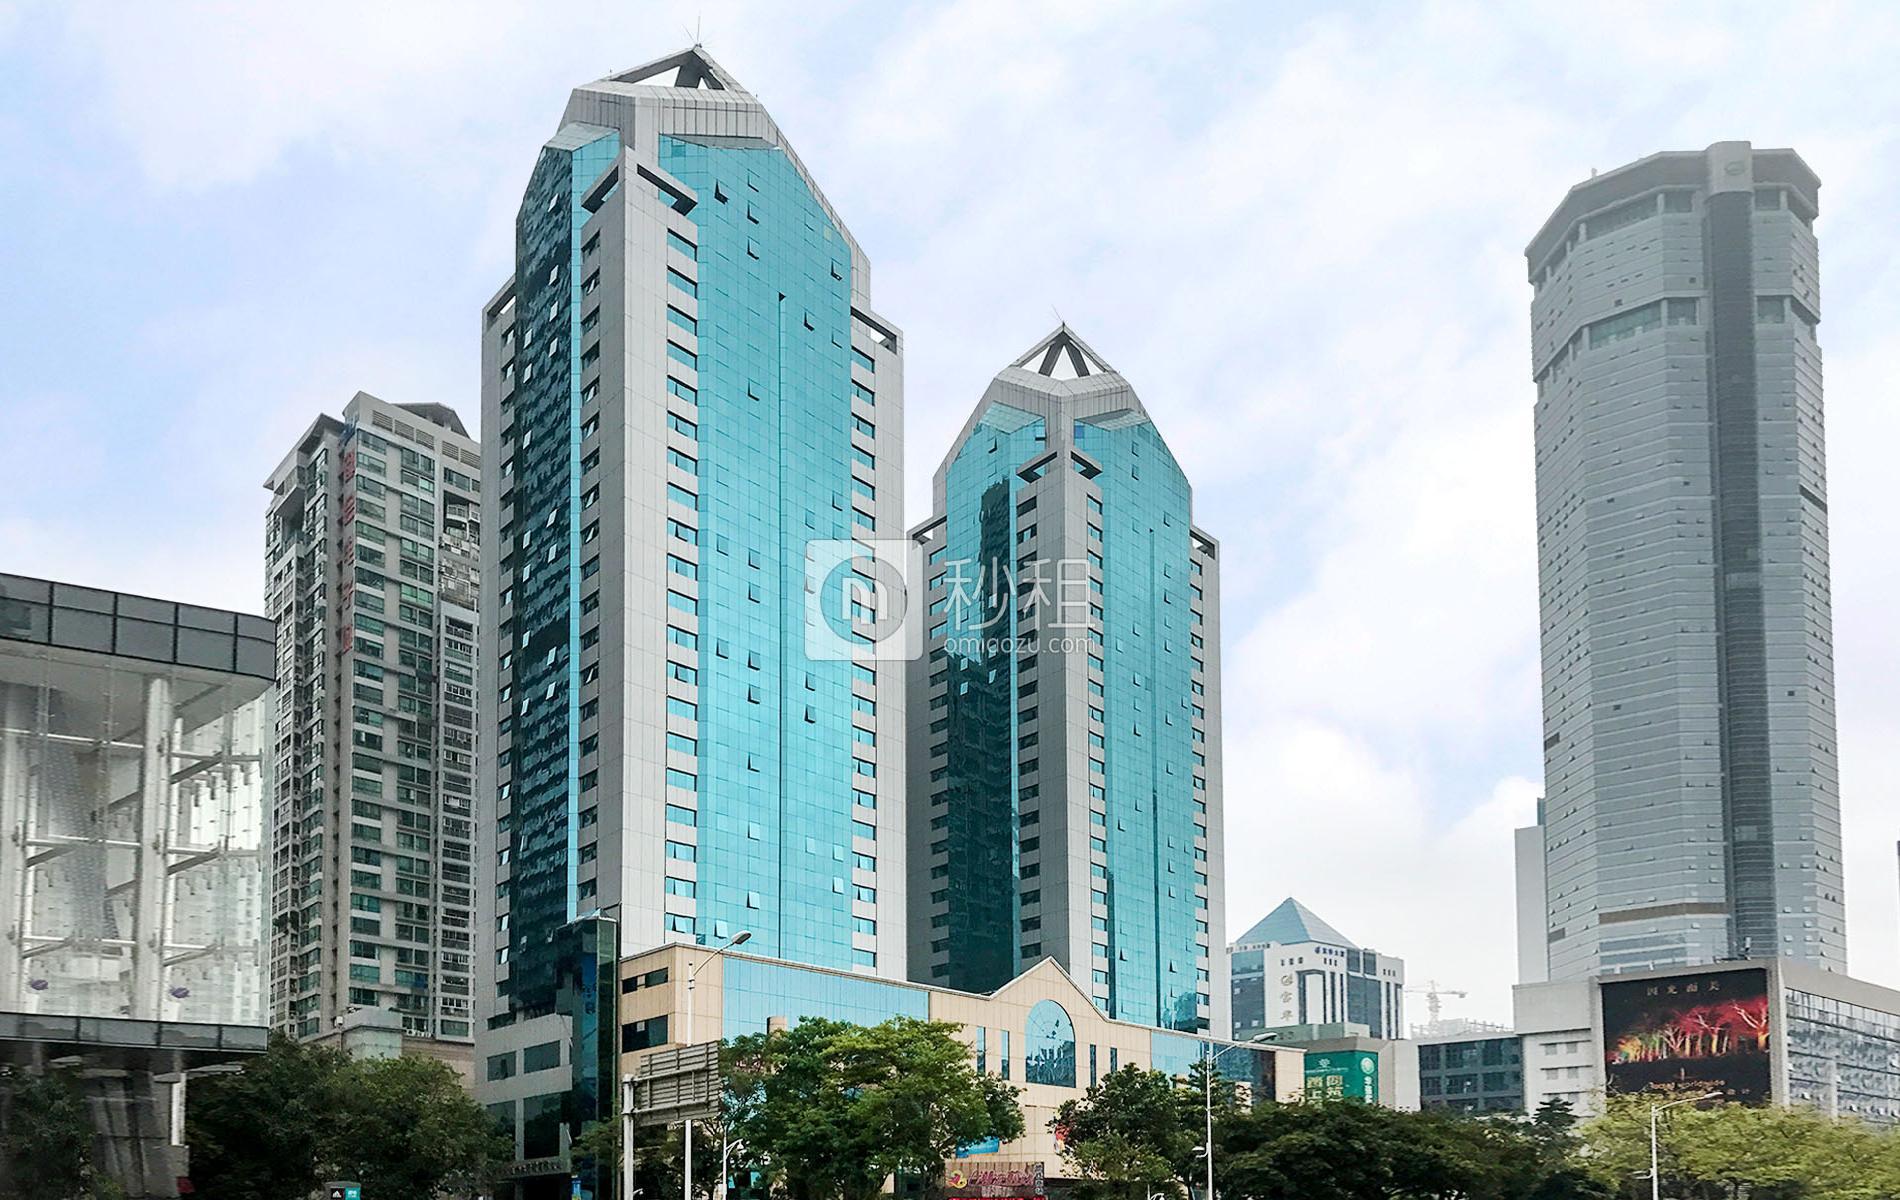 佳和华强大厦写字楼出租/招租/租赁,佳和华强大厦办公室出租/招租/租赁